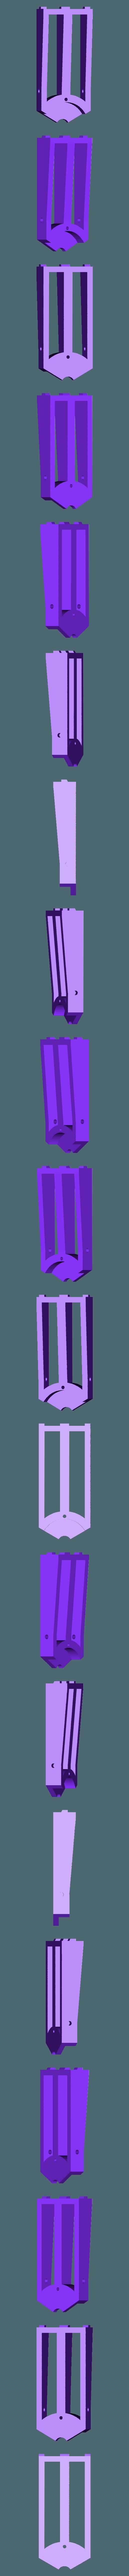 spool_arm_linear_plus_01.stl Télécharger fichier STL gratuit Kossel Spool Top Mount pour le roulement des disques durs • Objet imprimable en 3D, peaberry